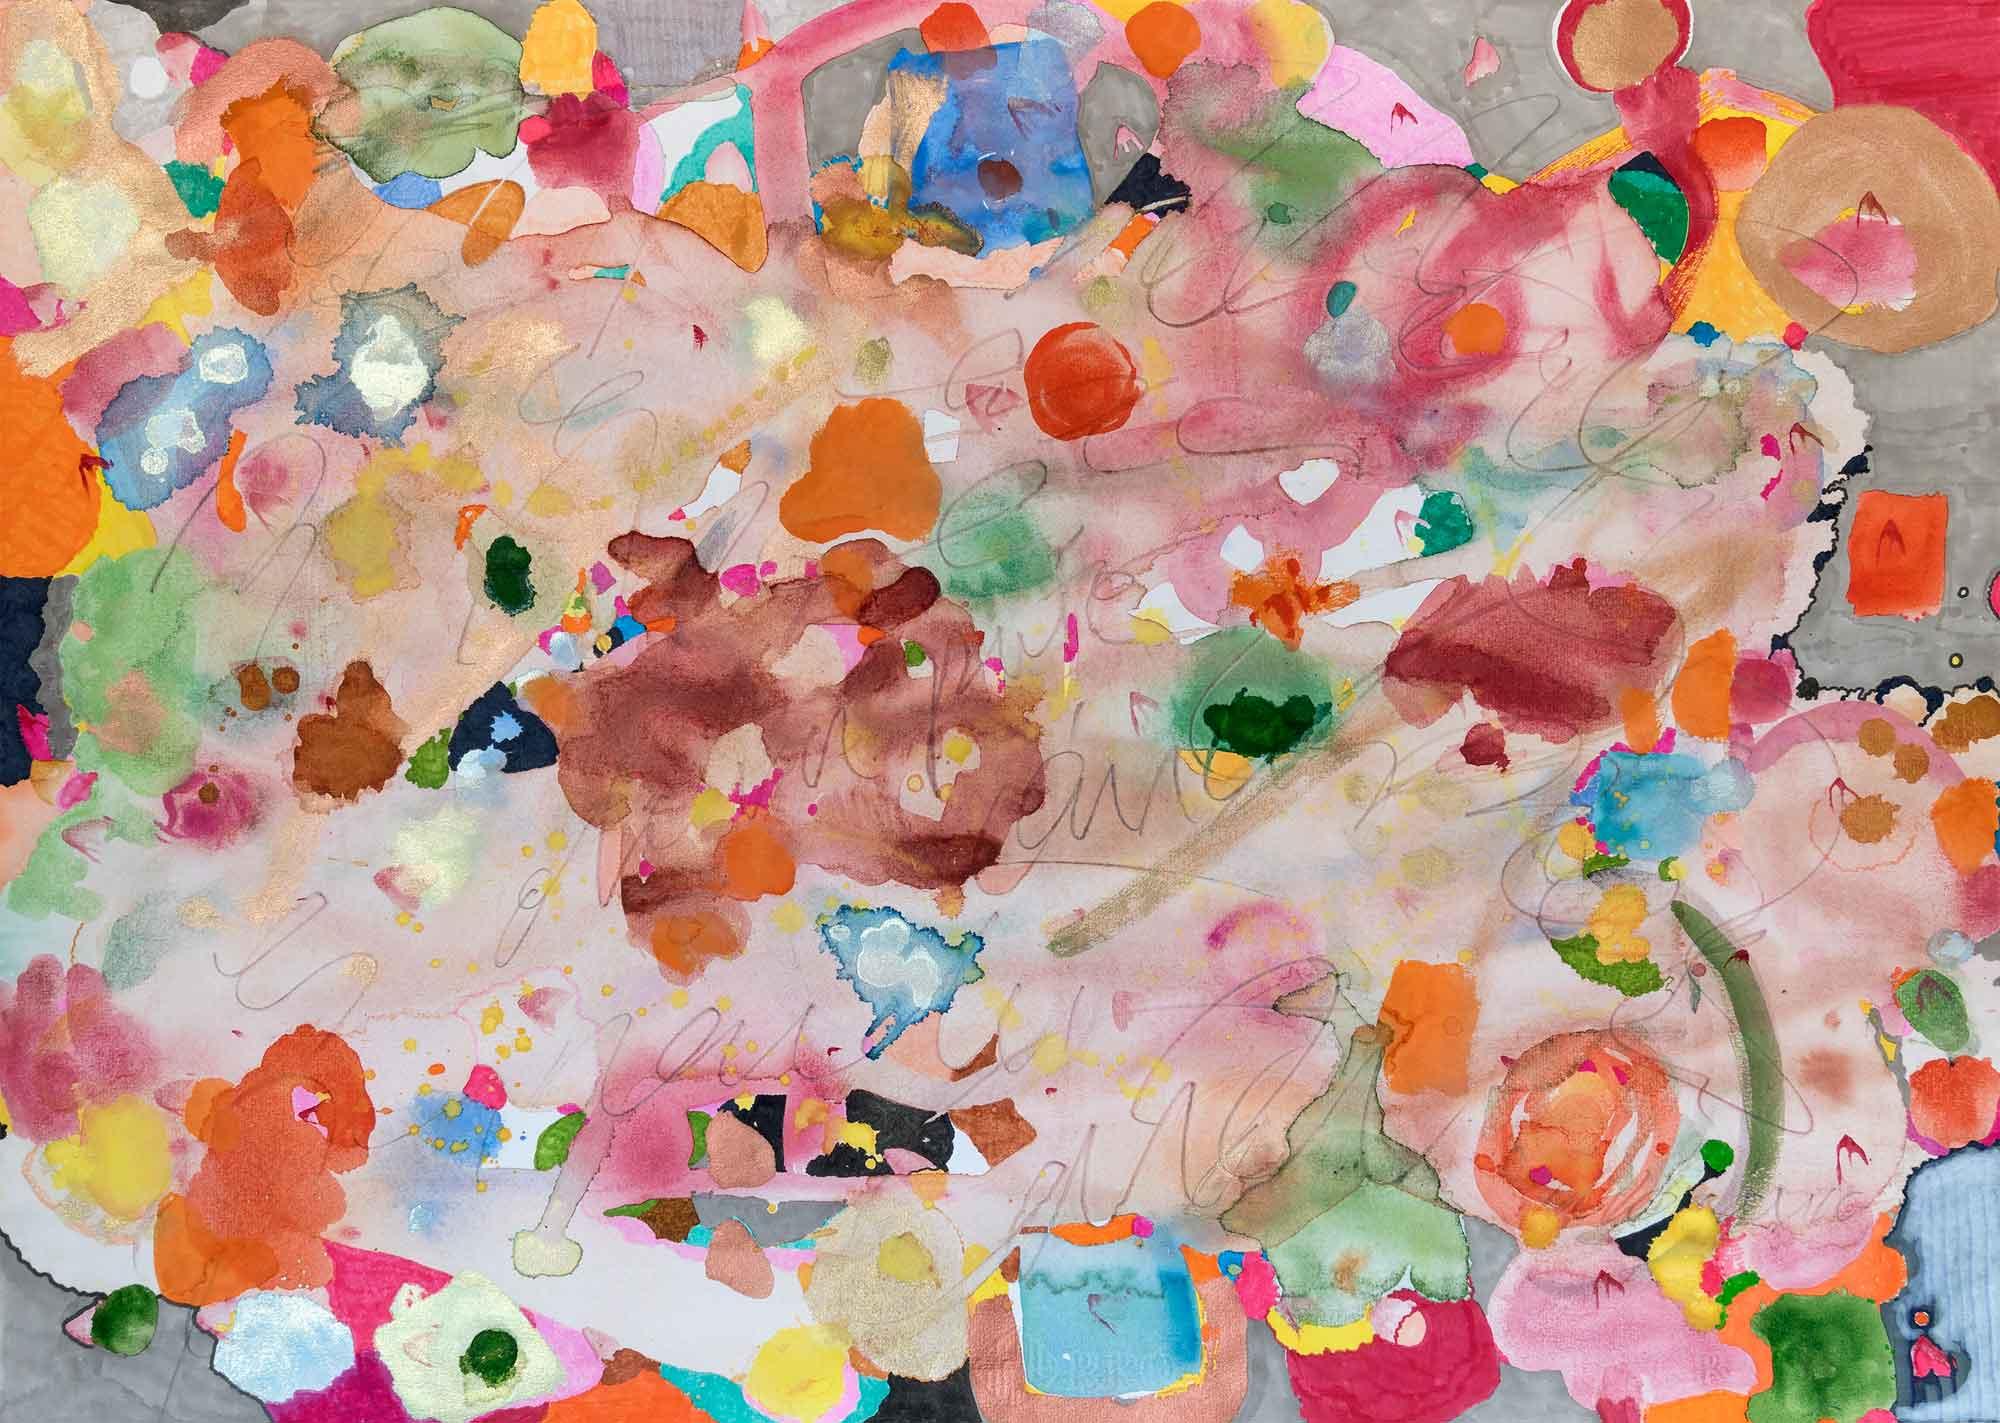 <b>Speachless</b><br> Acuarela, rotuladores, grafito sobre papel  Ingres <br> 49,5 x 69,5 cm